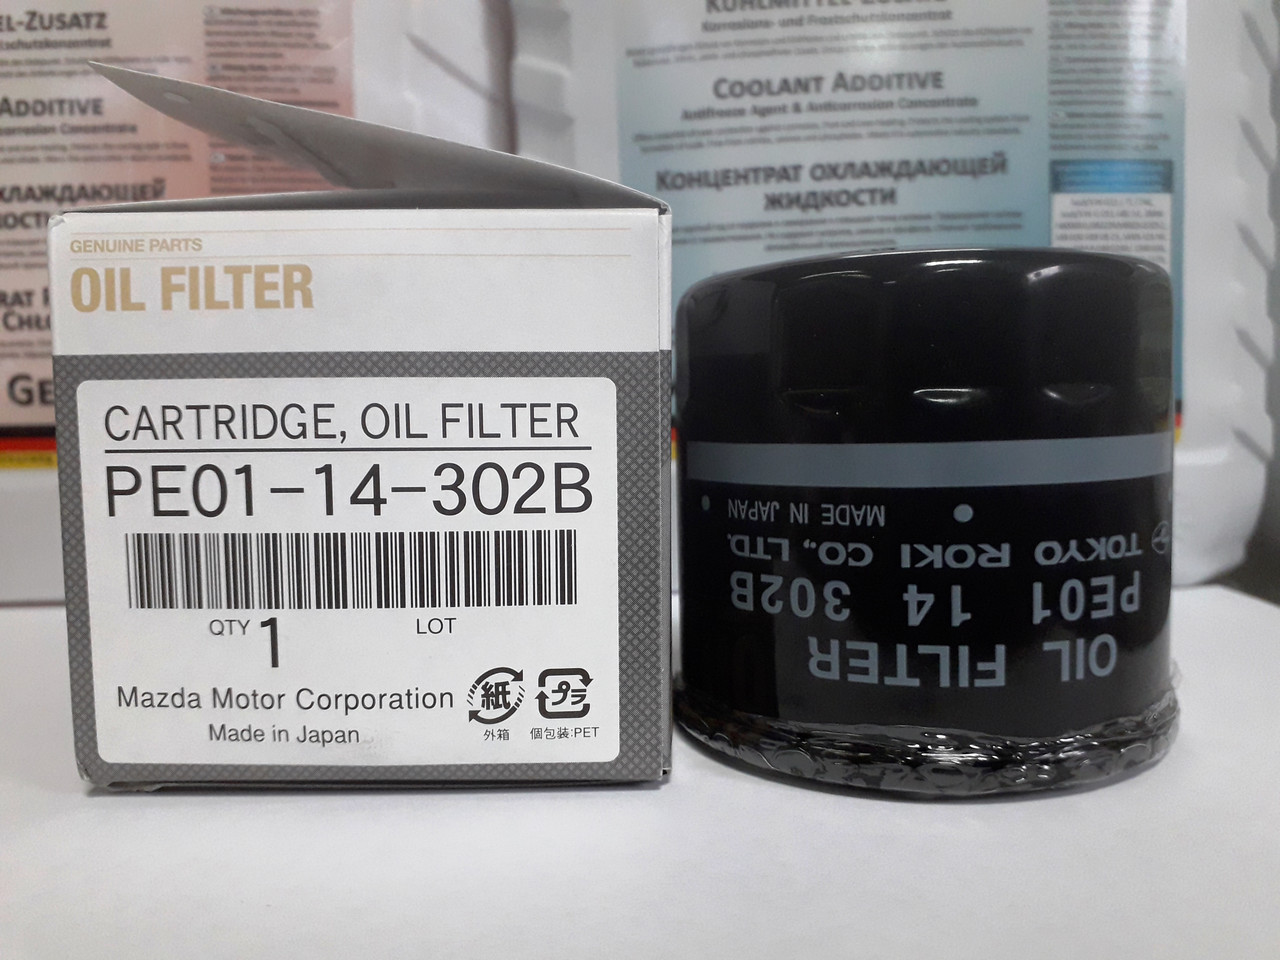 Оригинальный масляный фильтр MAZDA PE01-14-302B